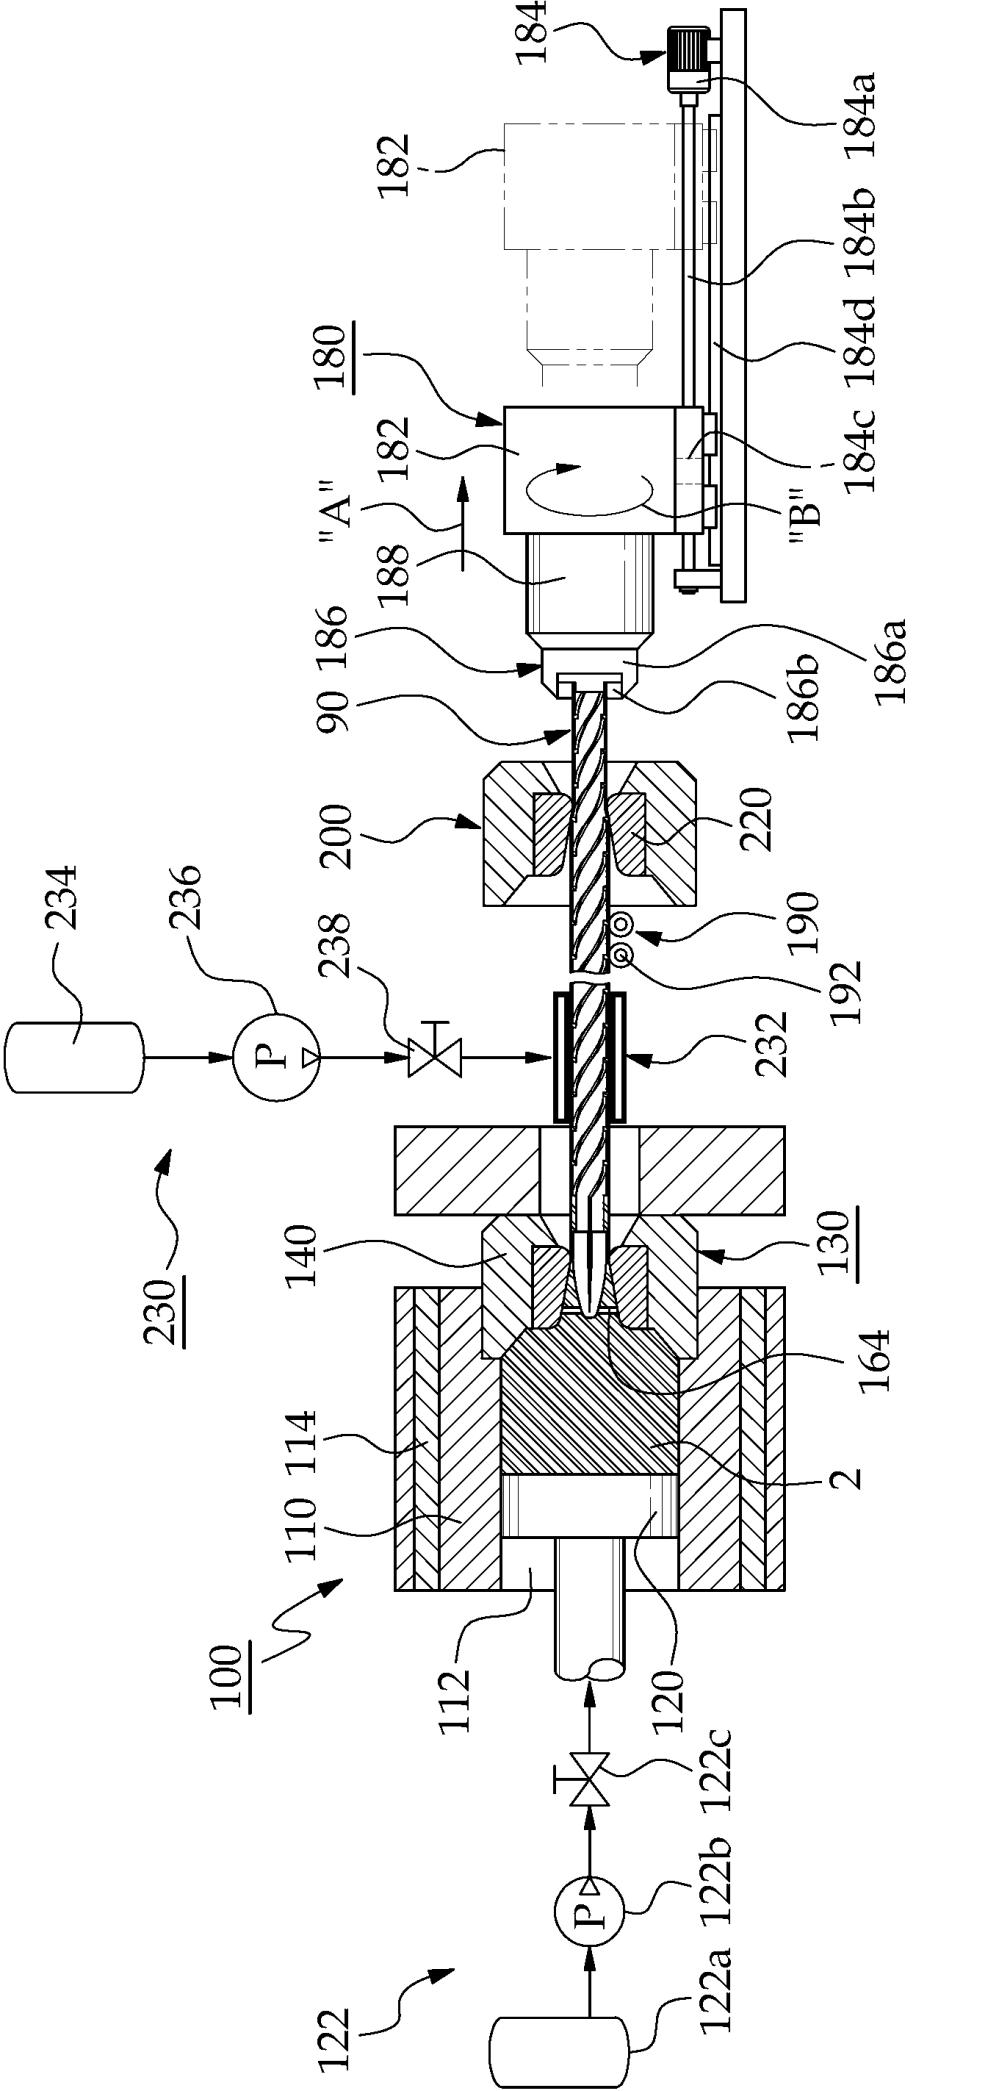 medium resolution of harley dyna turn signal wiring diagram html 1994 dyna wide glide 1994 wide glide tank